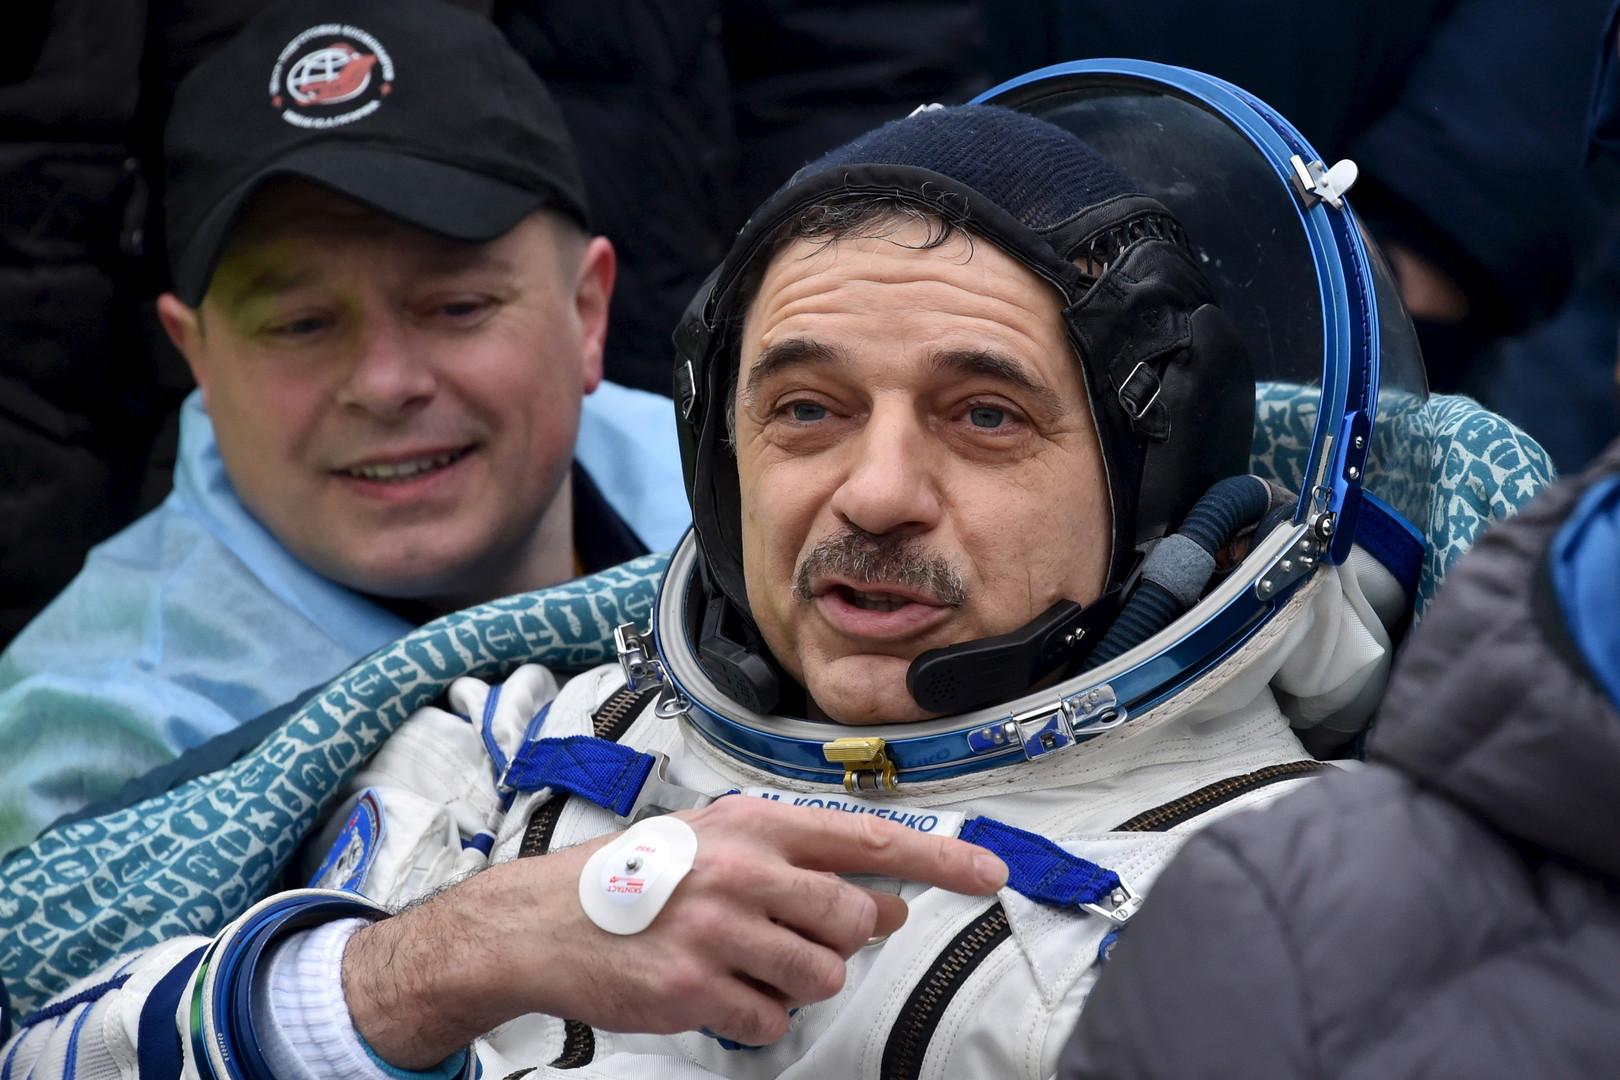 Der russische Kosmonaut Mikhail Kornienko kurz nach der Landung.